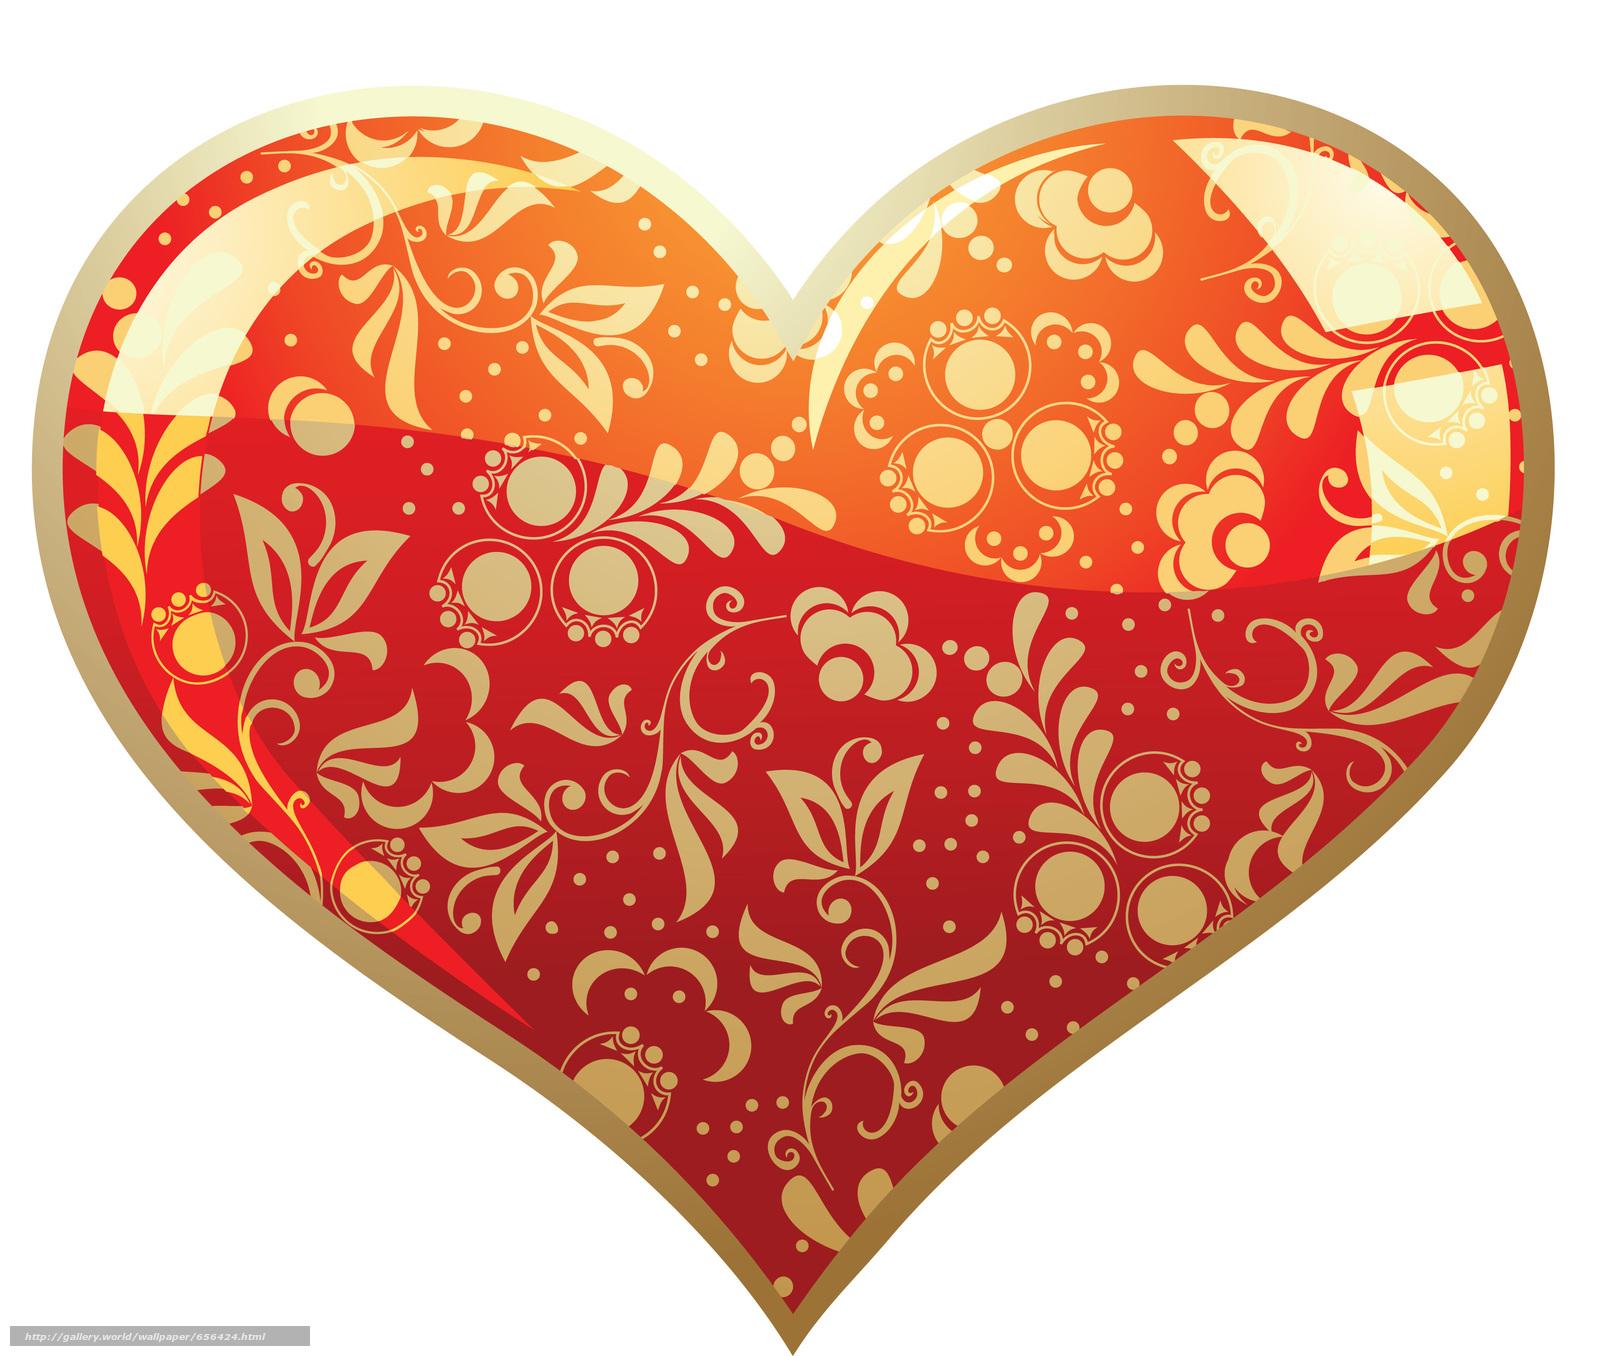 Скачать обои день святого валентина,  день всех влюбленных,  праздник,  сердце бесплатно для рабочего стола в разрешении 3698x3135 — картинка №656424